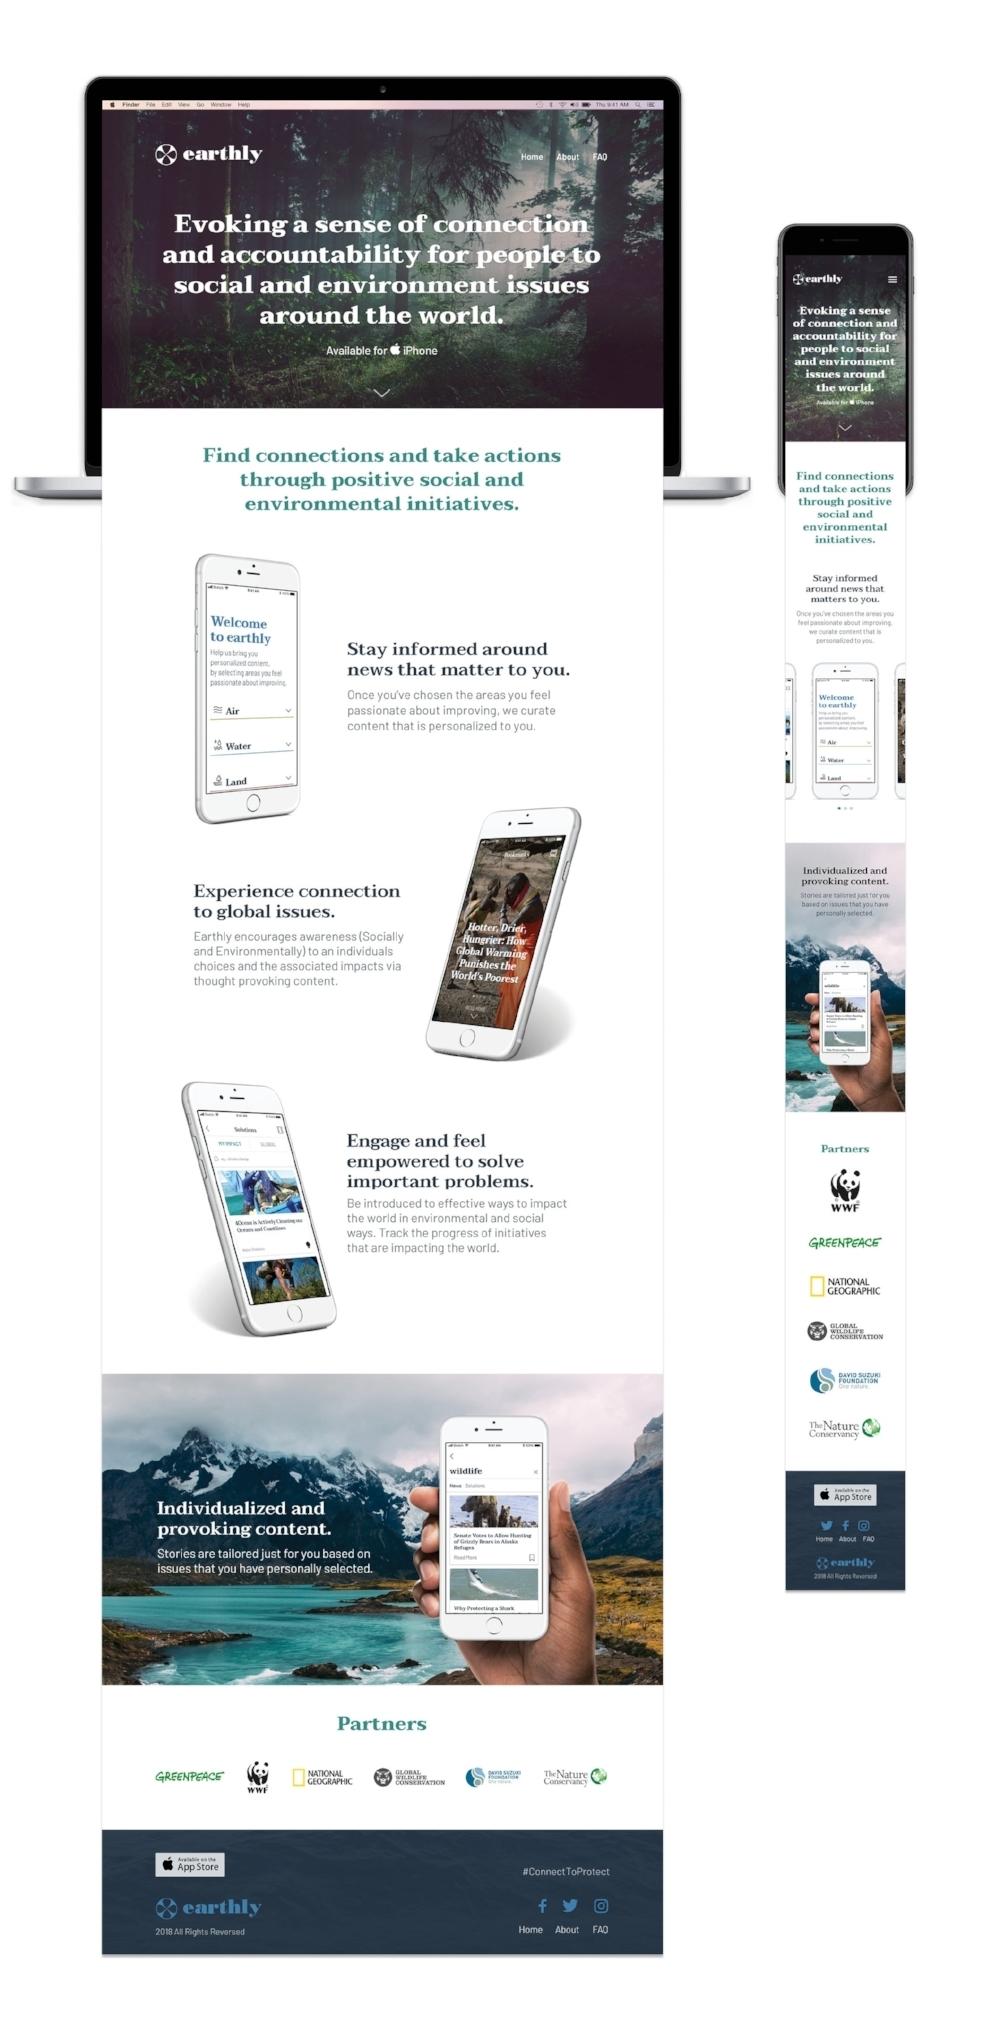 Earthly_Responsive-Marketing-Website-Design_Brand-Identity-Design2.jpg